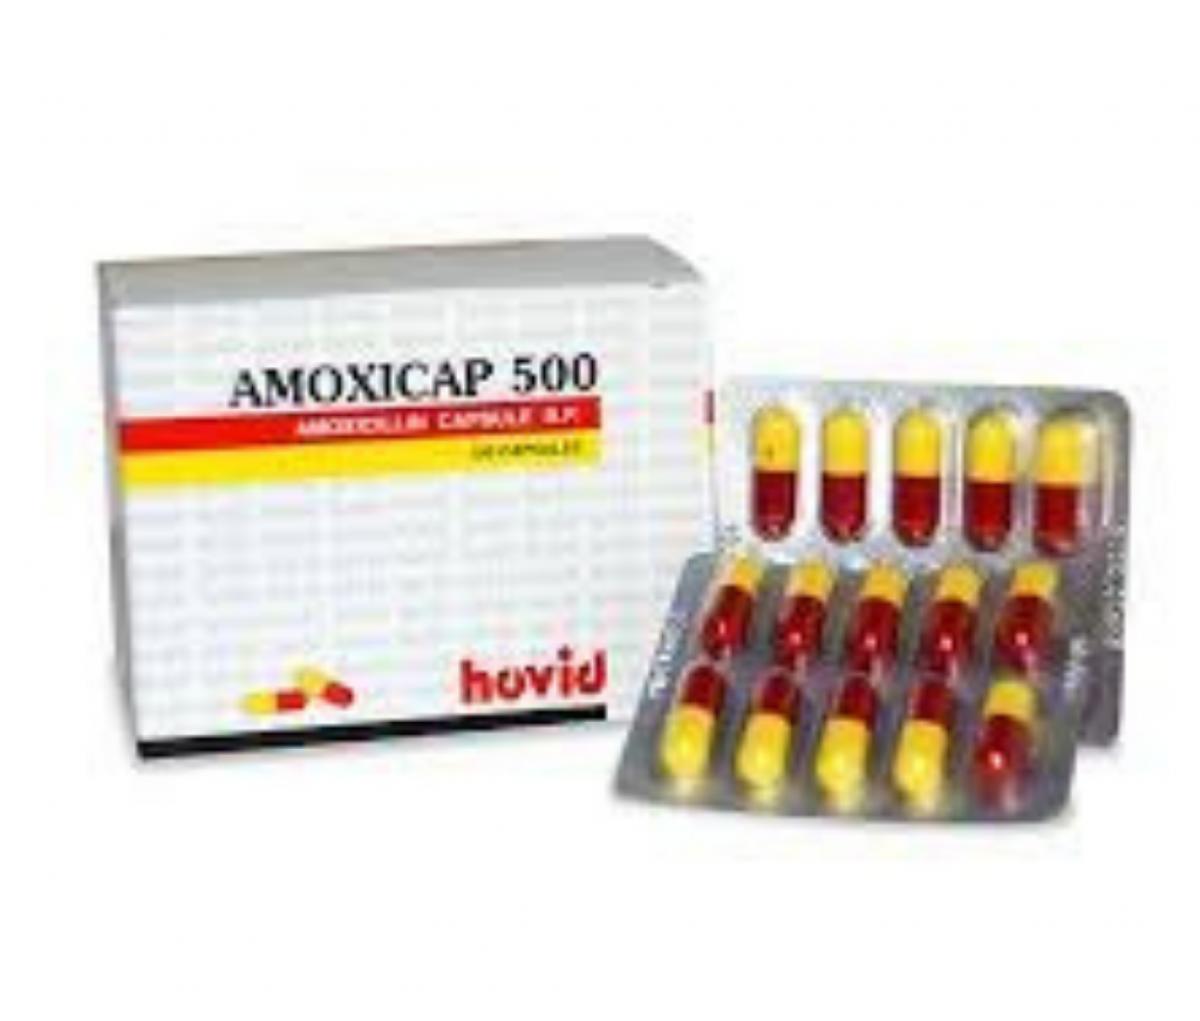 Amoxicap 500mg Capsule